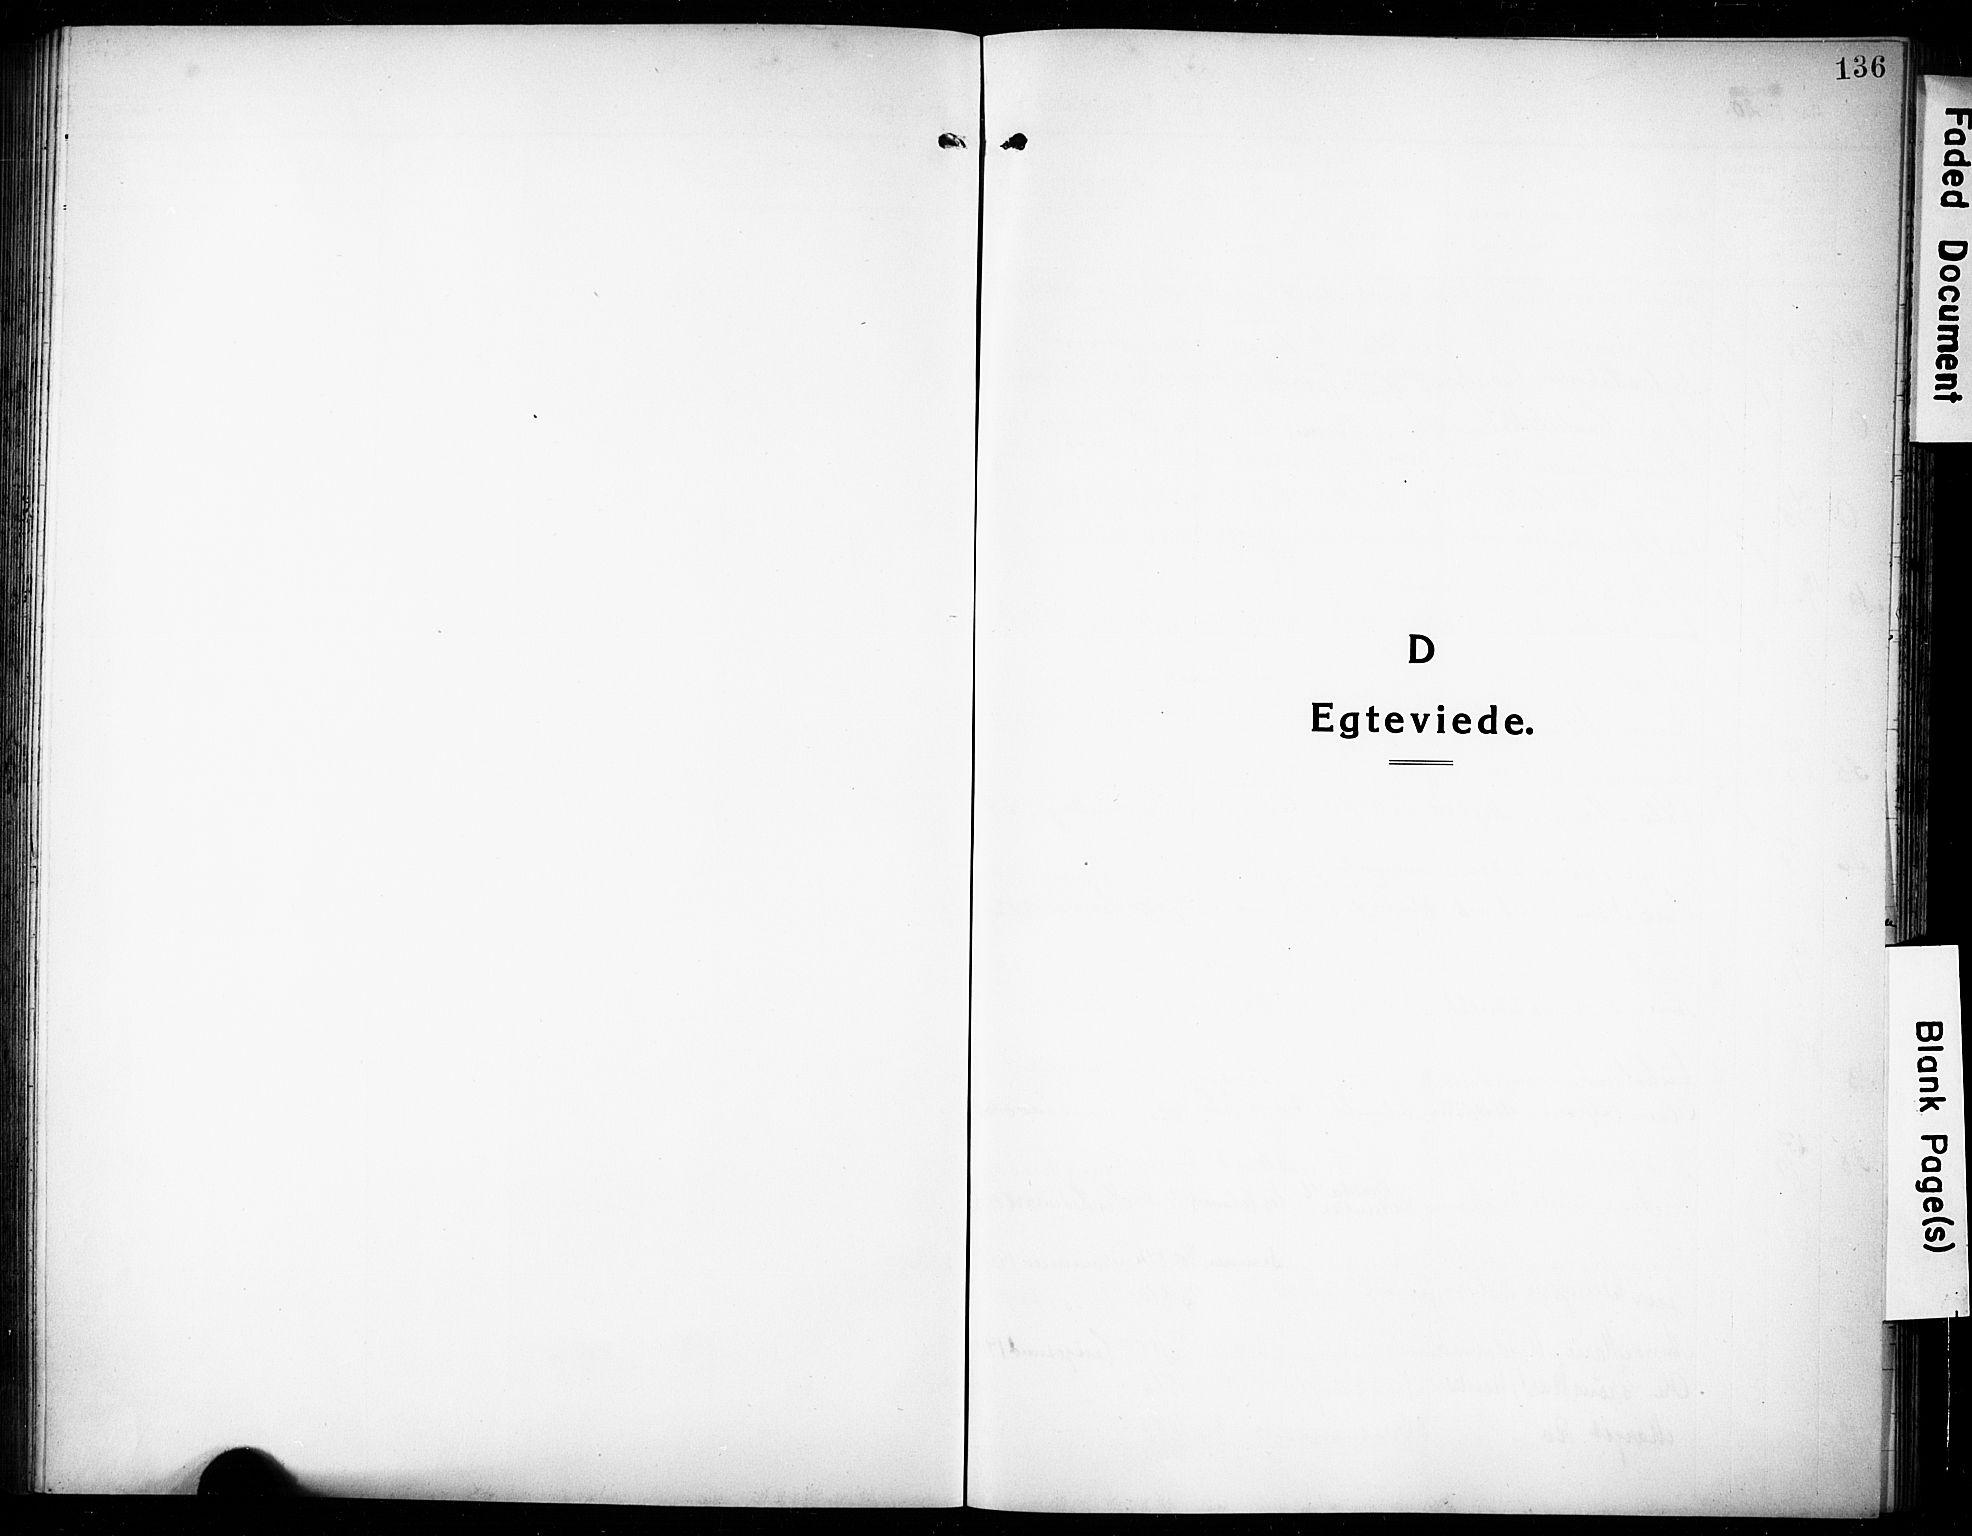 SAKO, Rjukan kirkebøker, G/Ga/L0003: Klokkerbok nr. 3, 1920-1928, s. 136